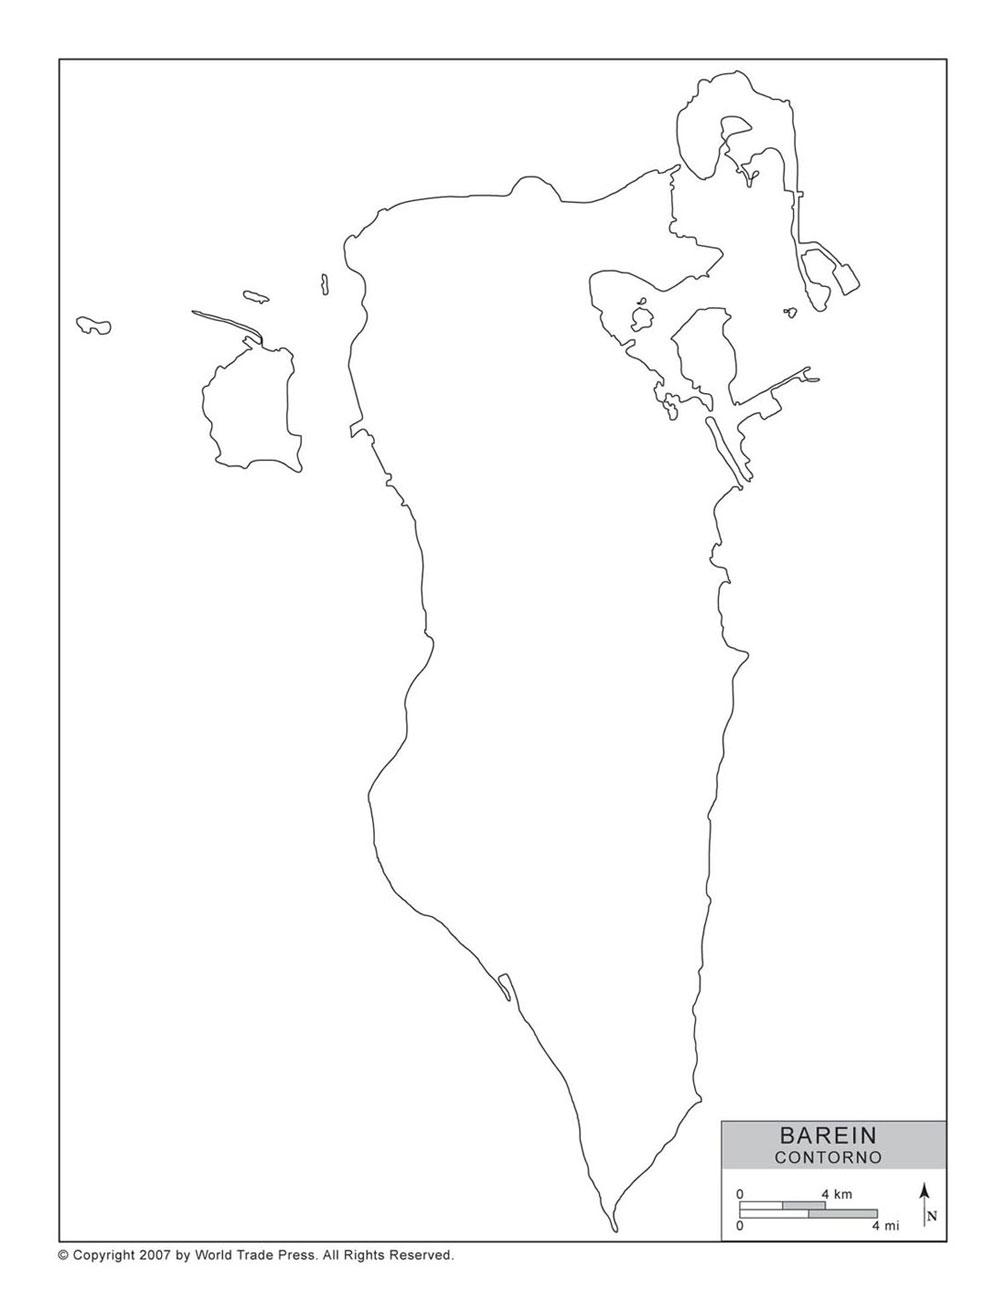 Mapa do Bahrein com Contorno